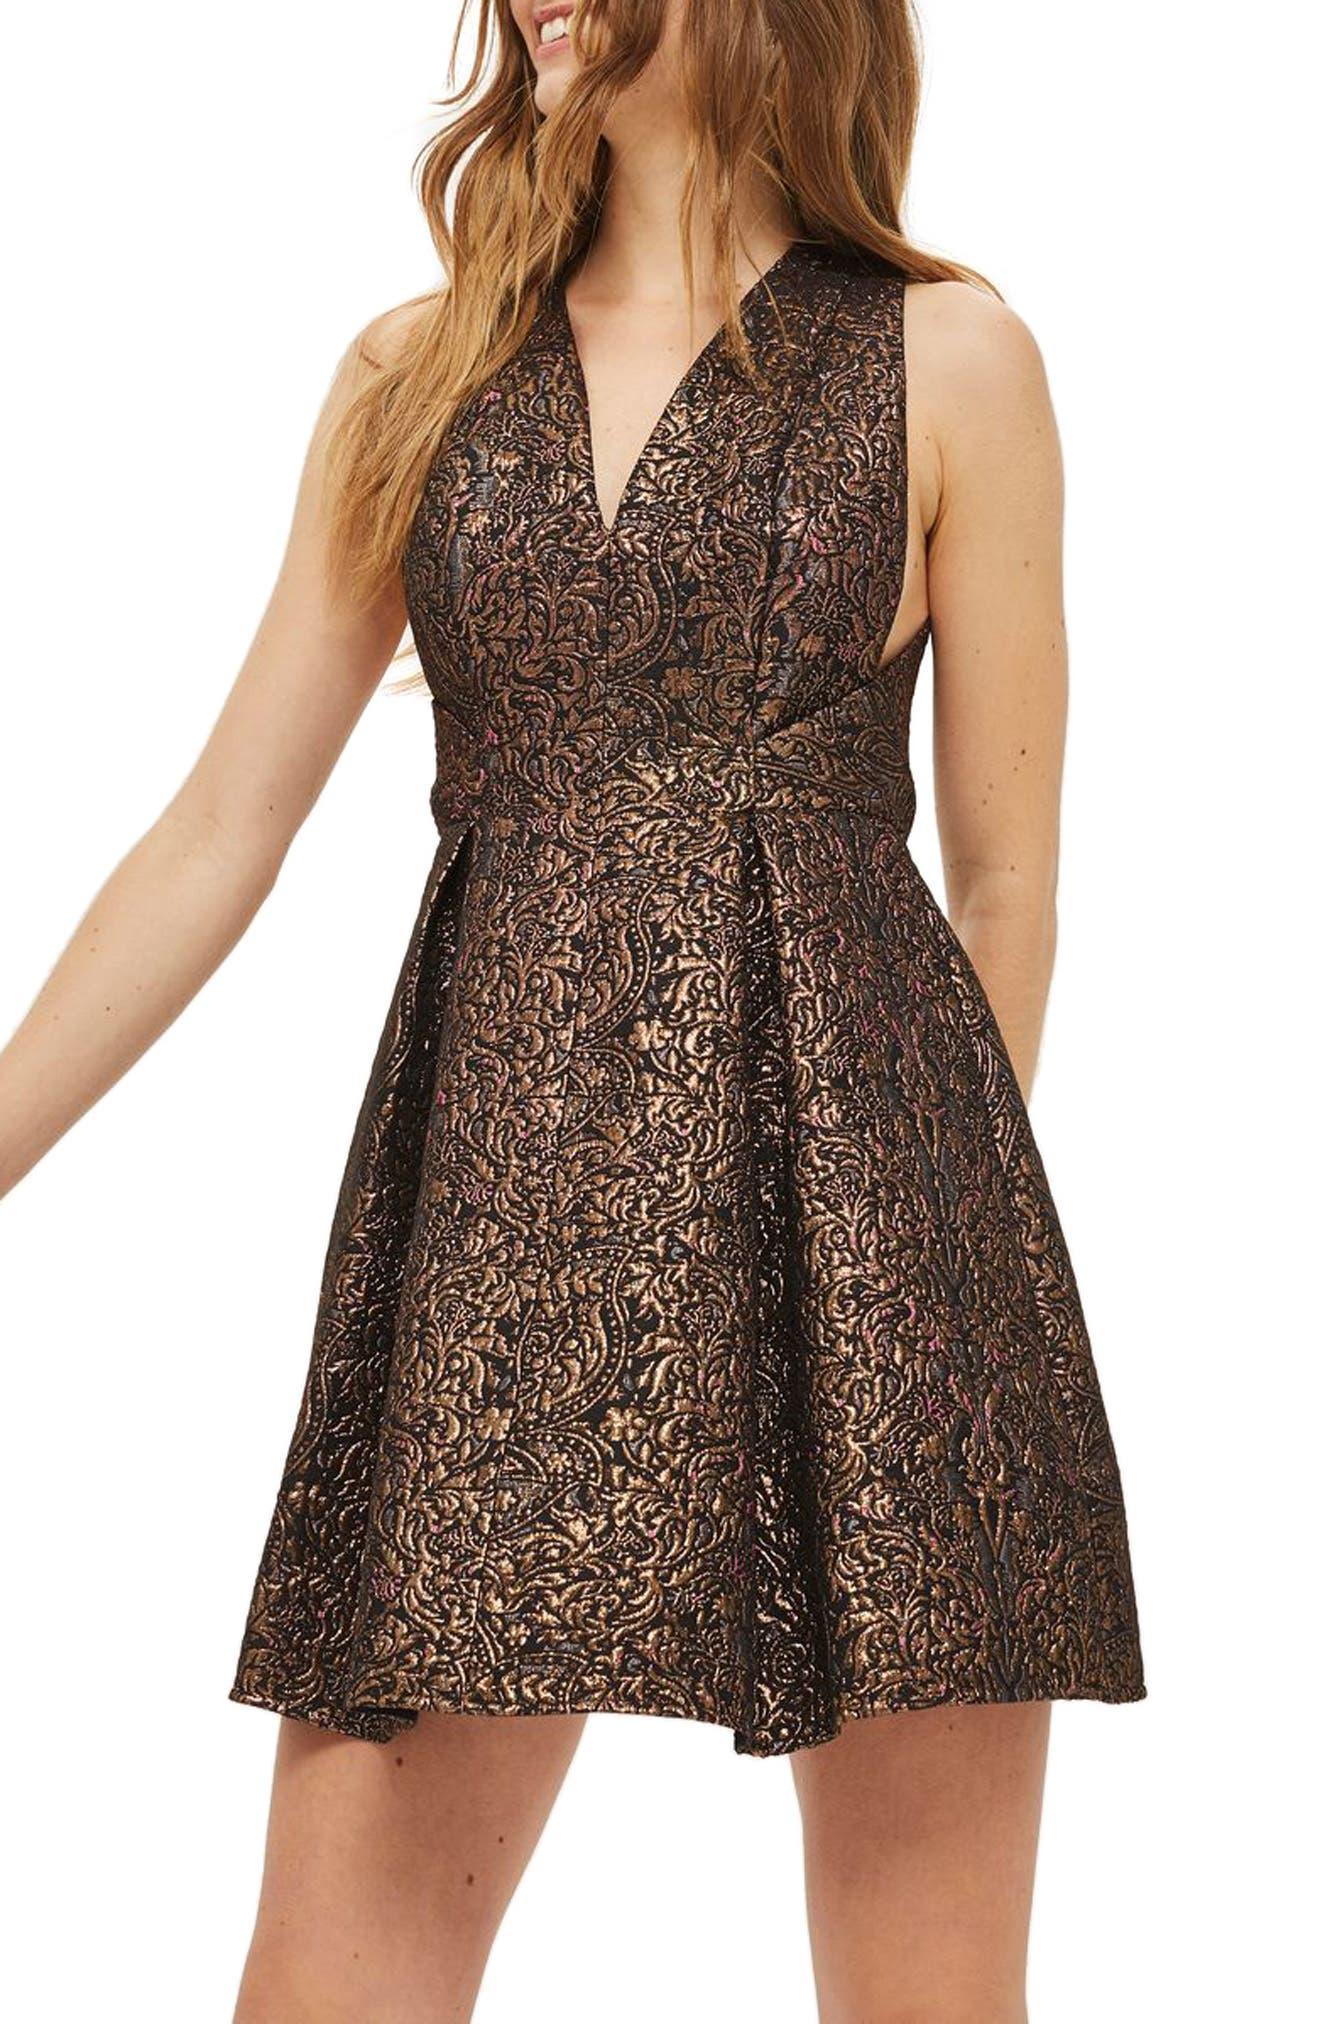 Alternate Image 1 Selected - Topshop Opulent Jacquard Skater Dress